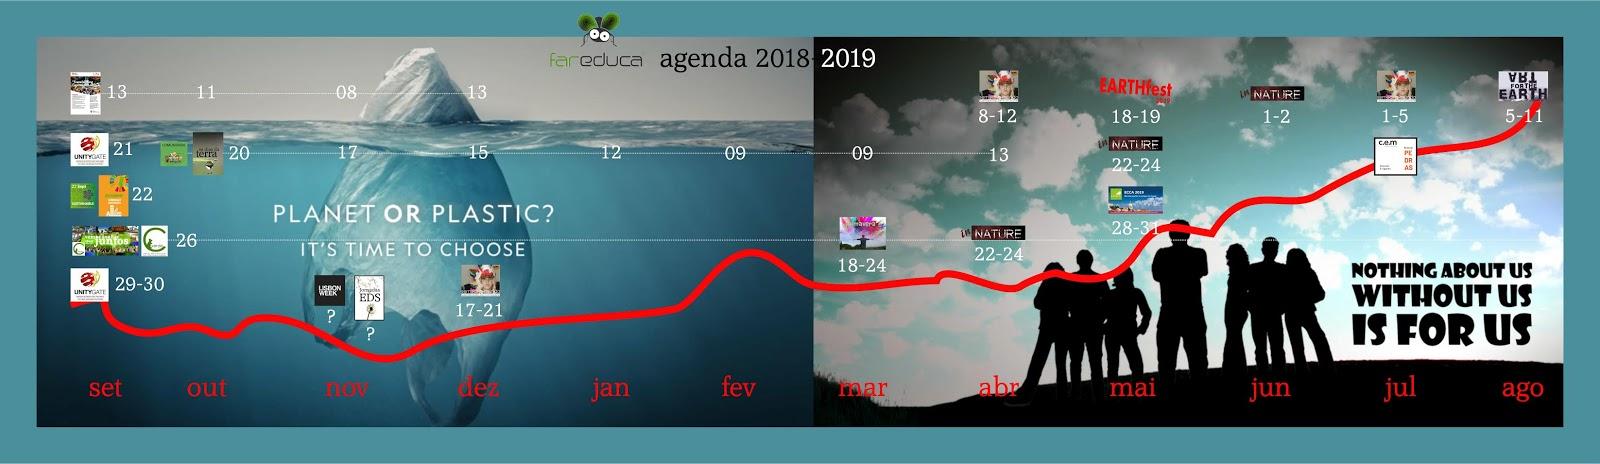 FAREDUCA :: Plano de Atividades 2018-2019